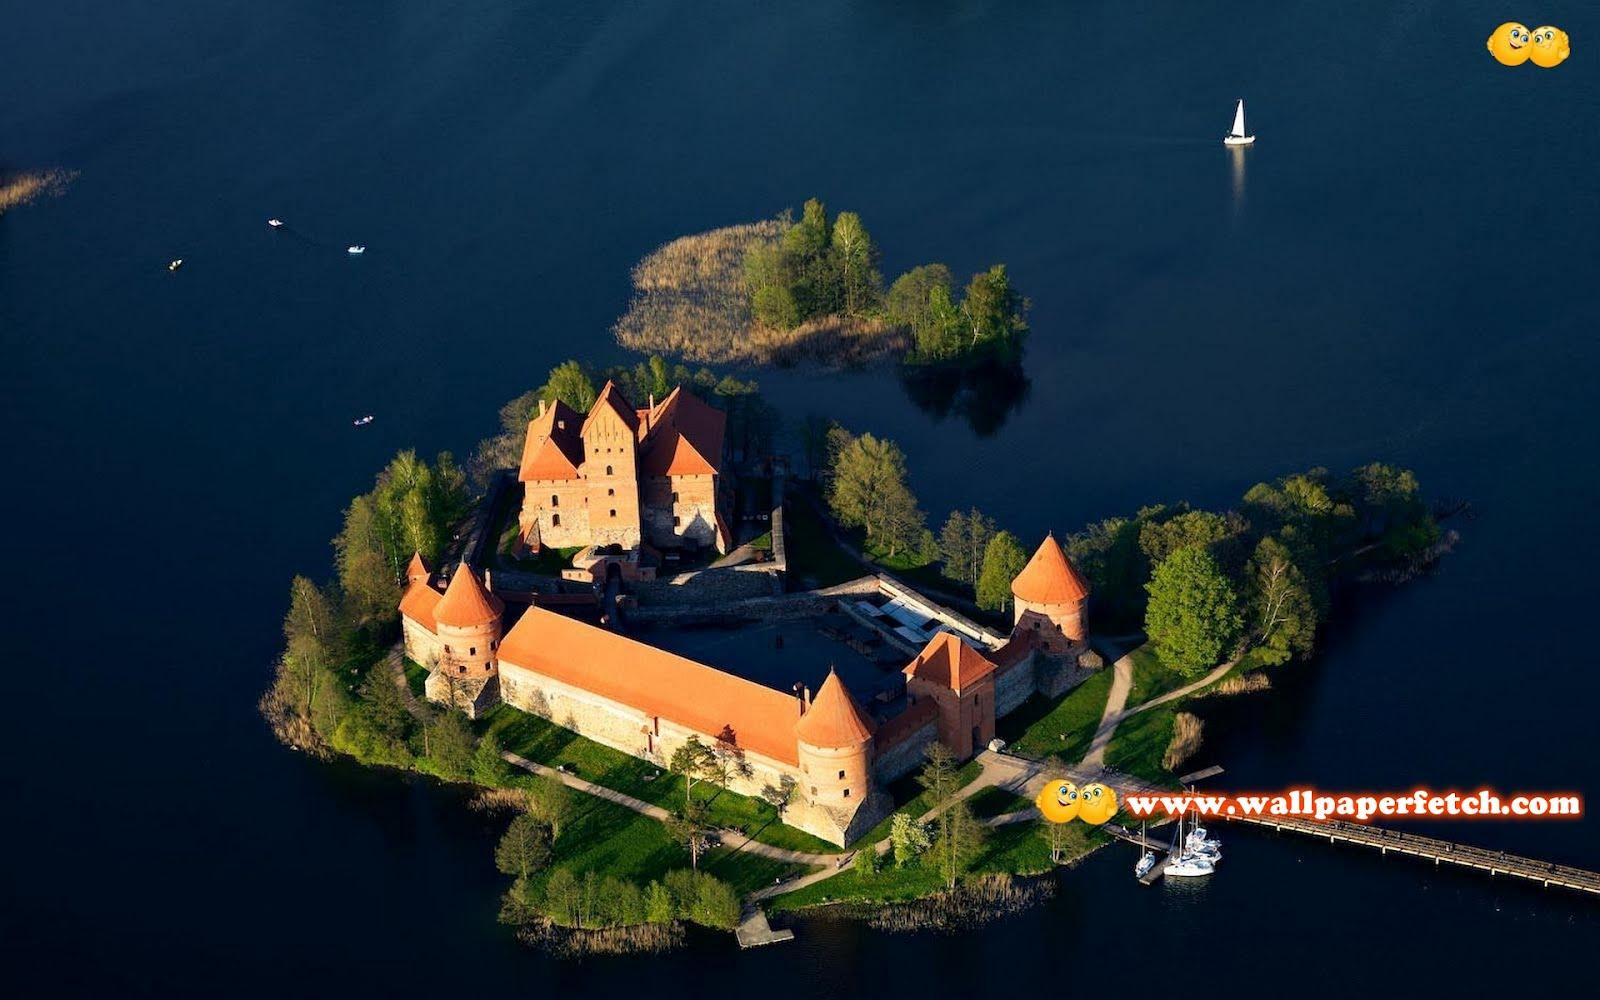 http://1.bp.blogspot.com/-vGnnQu2iGfY/T1S6Rx2TFzI/AAAAAAAAN8Q/lbZc1jjOOco/s1600/trakai-island-castle-10556-1920x1200.jpg